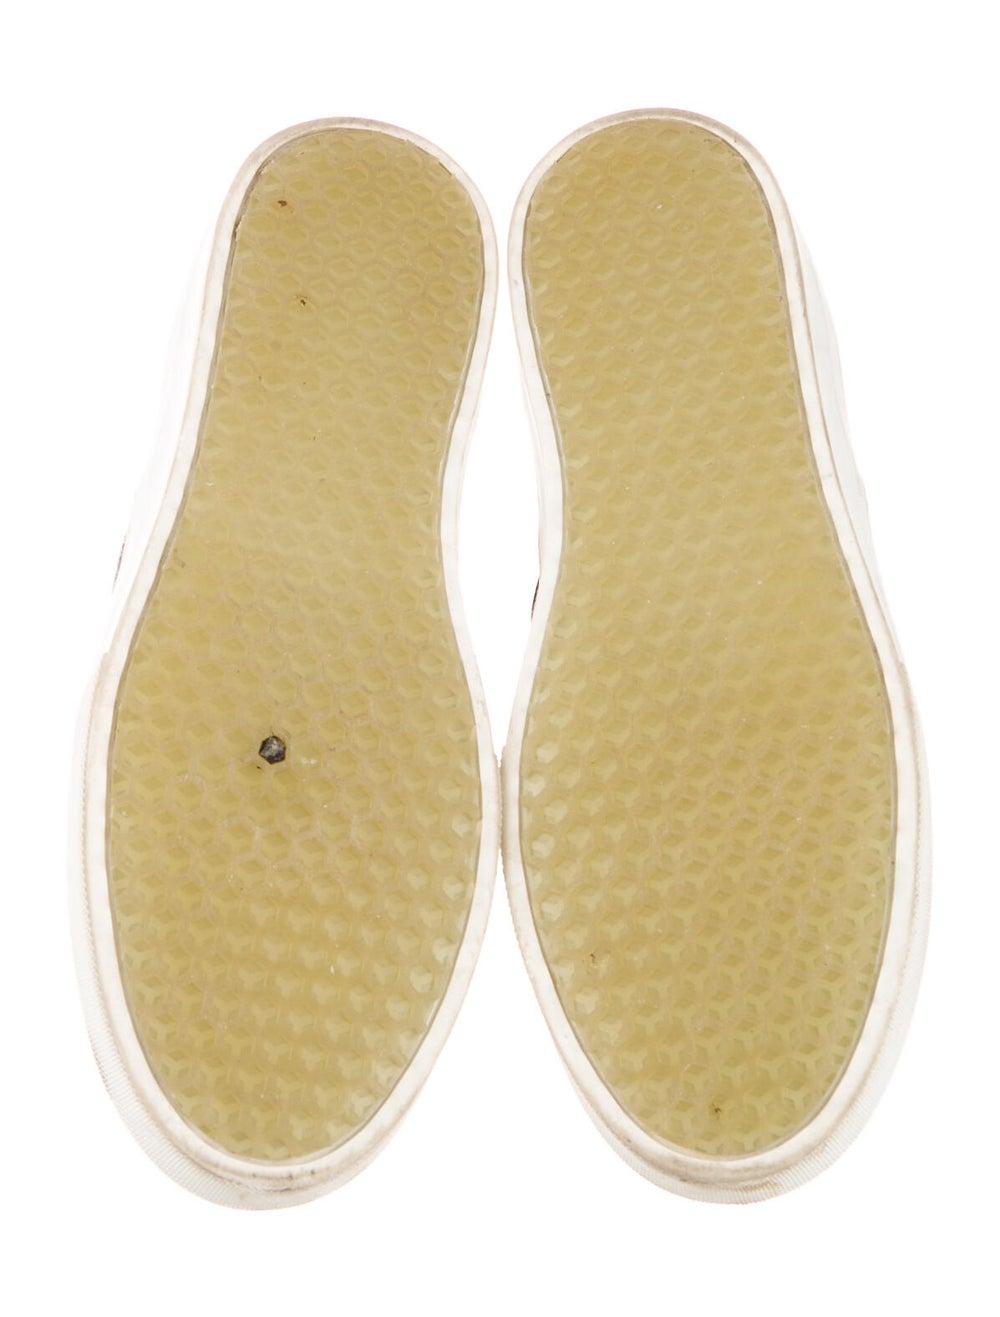 Celine Sneakers Grey - image 5